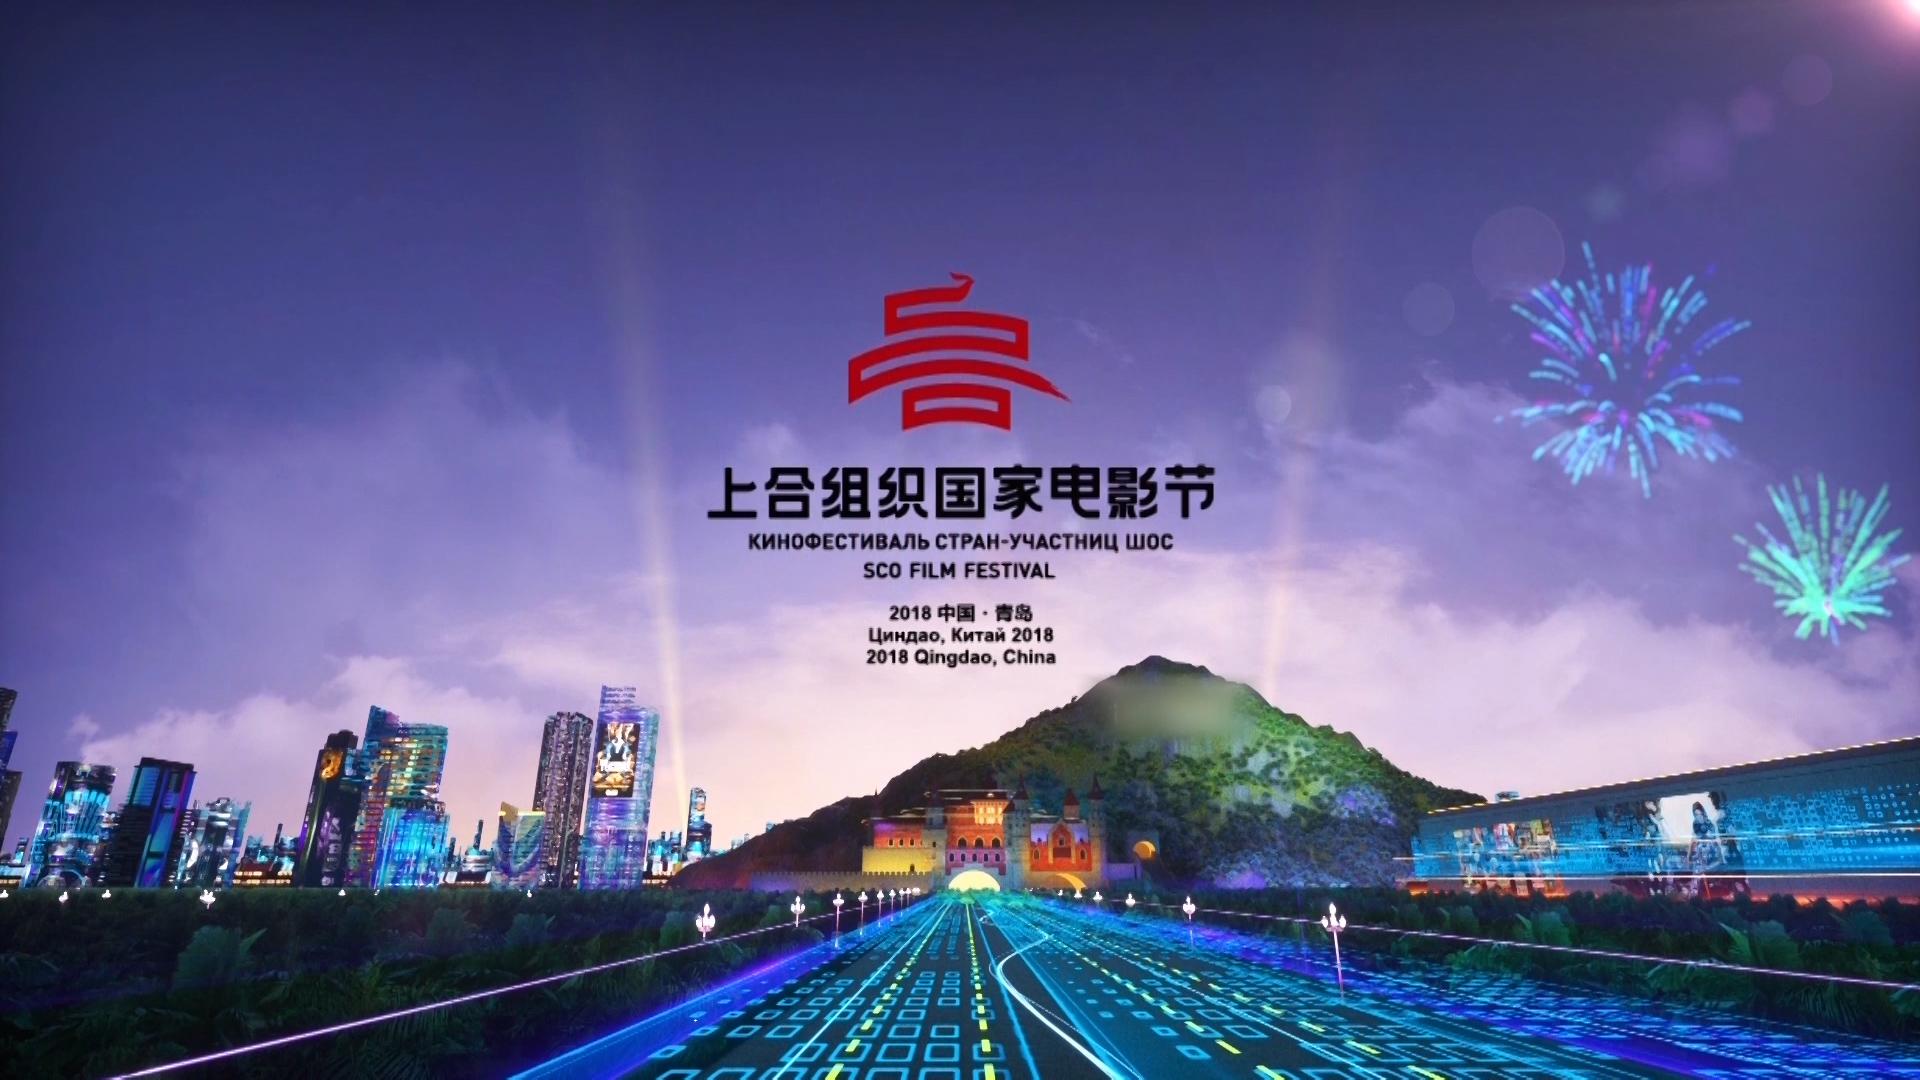 视频丨上合组织国家电影节开幕式场地内景曝光 成龙黄晓明将亮相